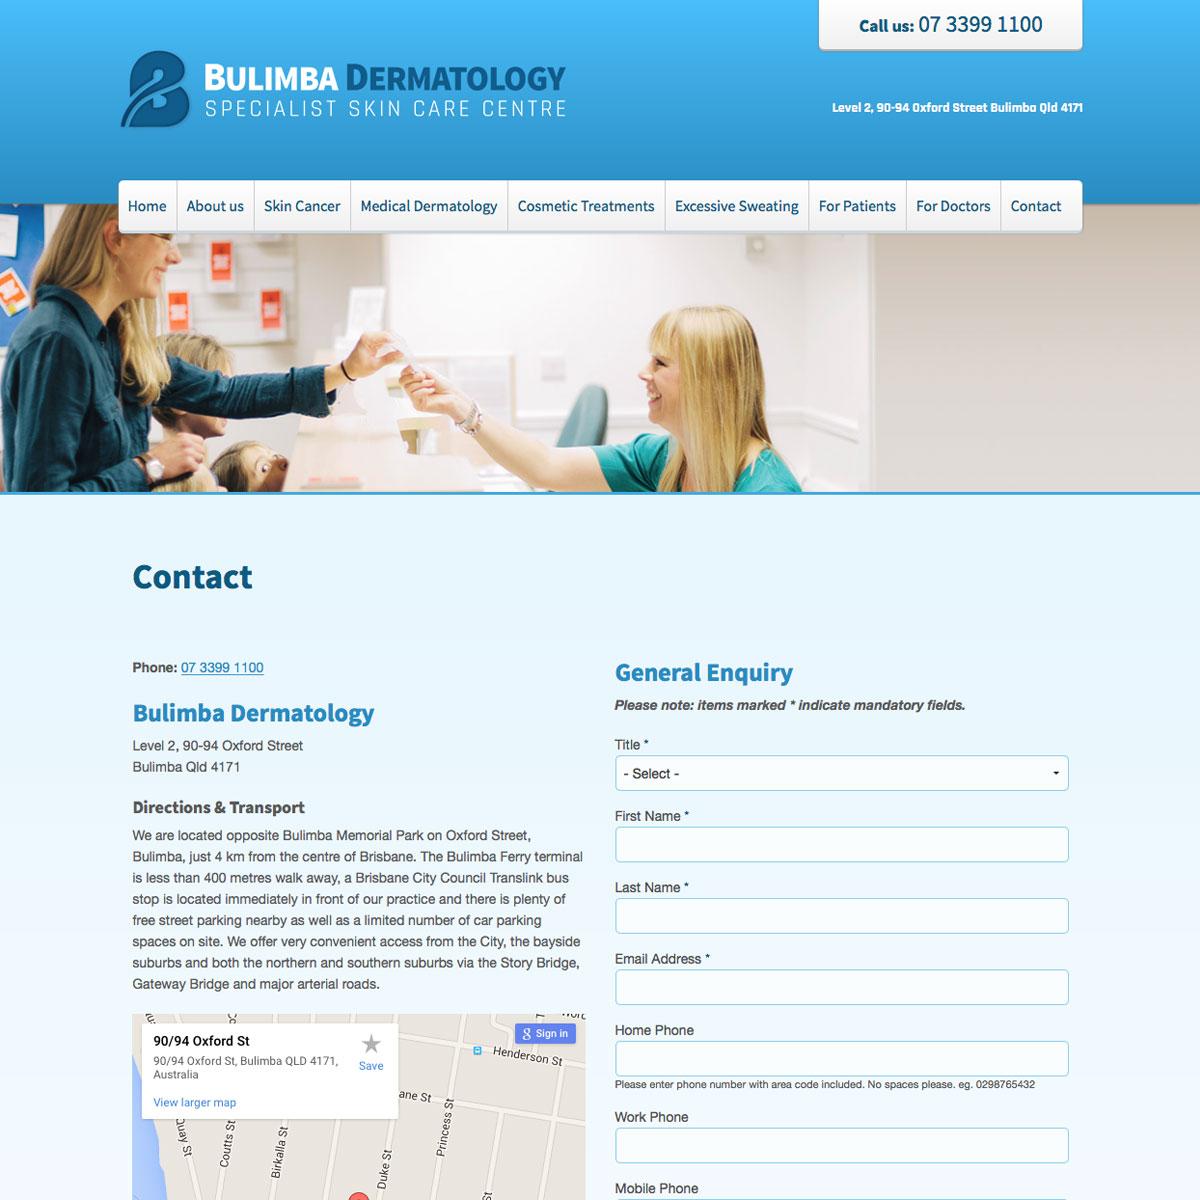 Bulimba Dermatology Contact